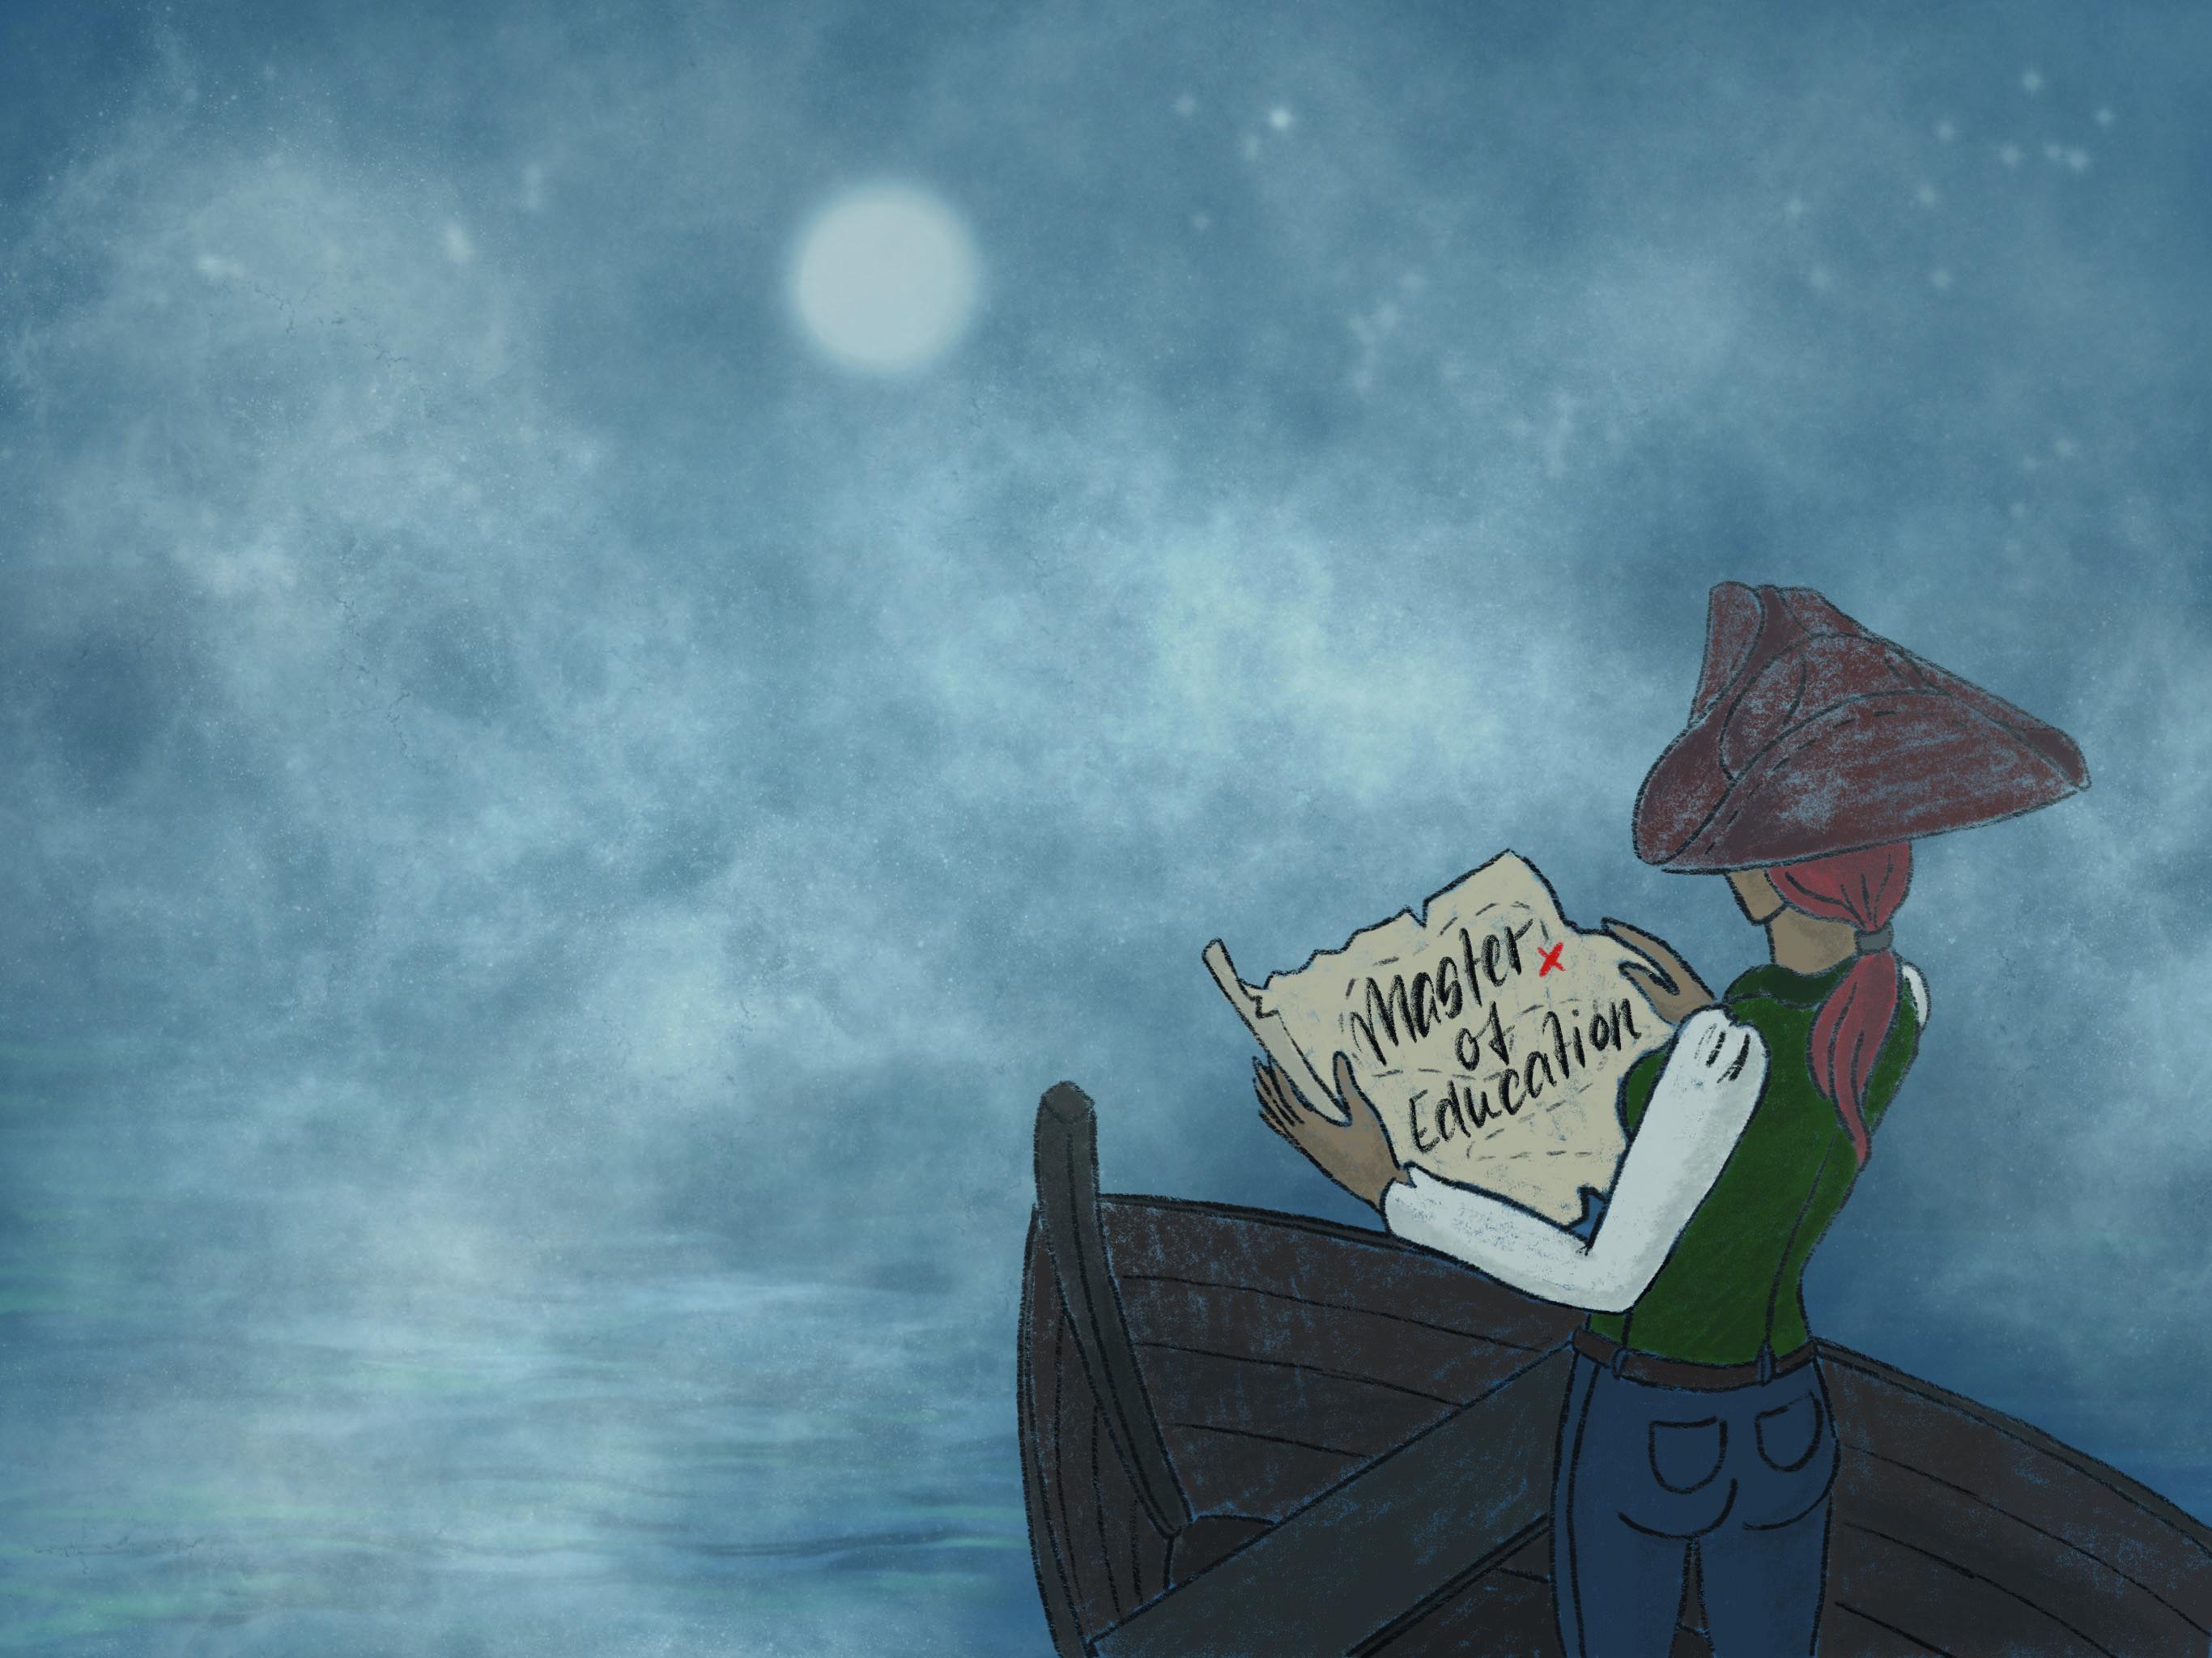 Die Fahrt zum Master of Education führt durch ein Nebelmeer. Illustration: jjo